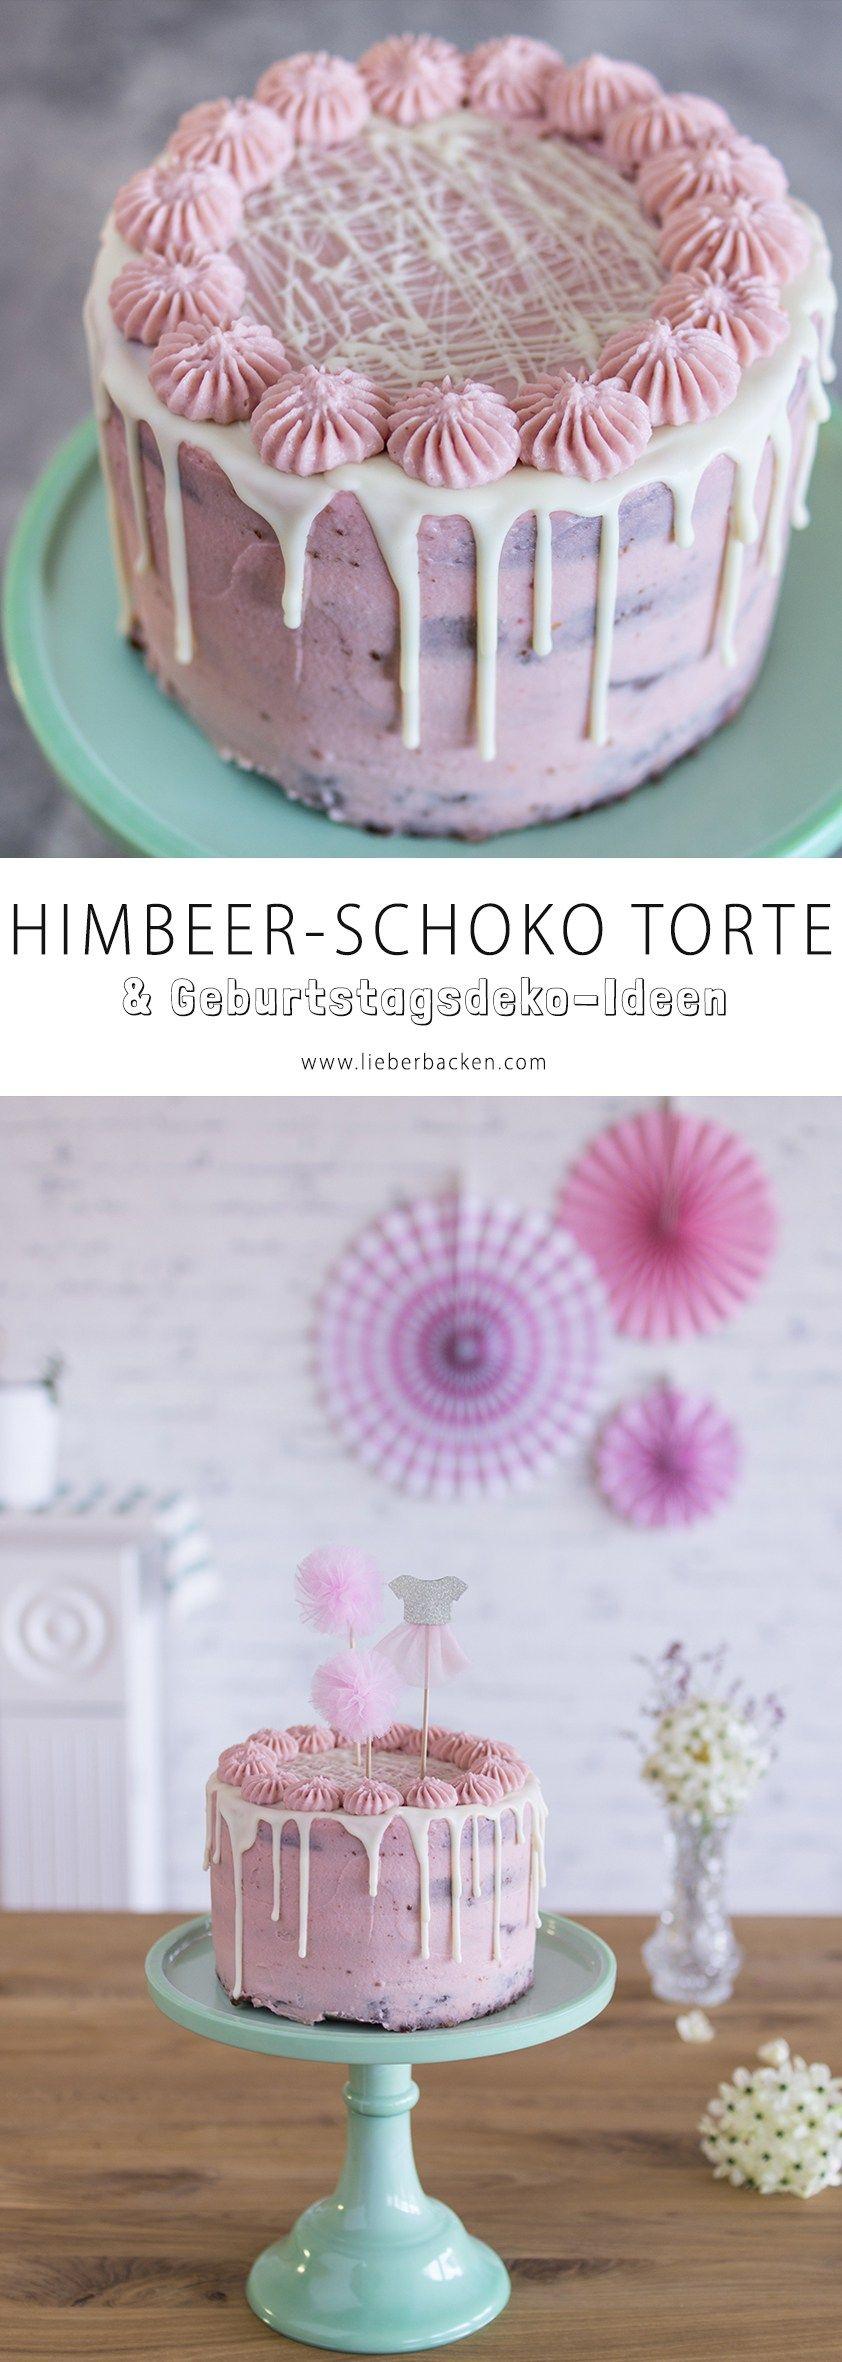 Schoko-Himbeer-Torte #tortegeburtstag